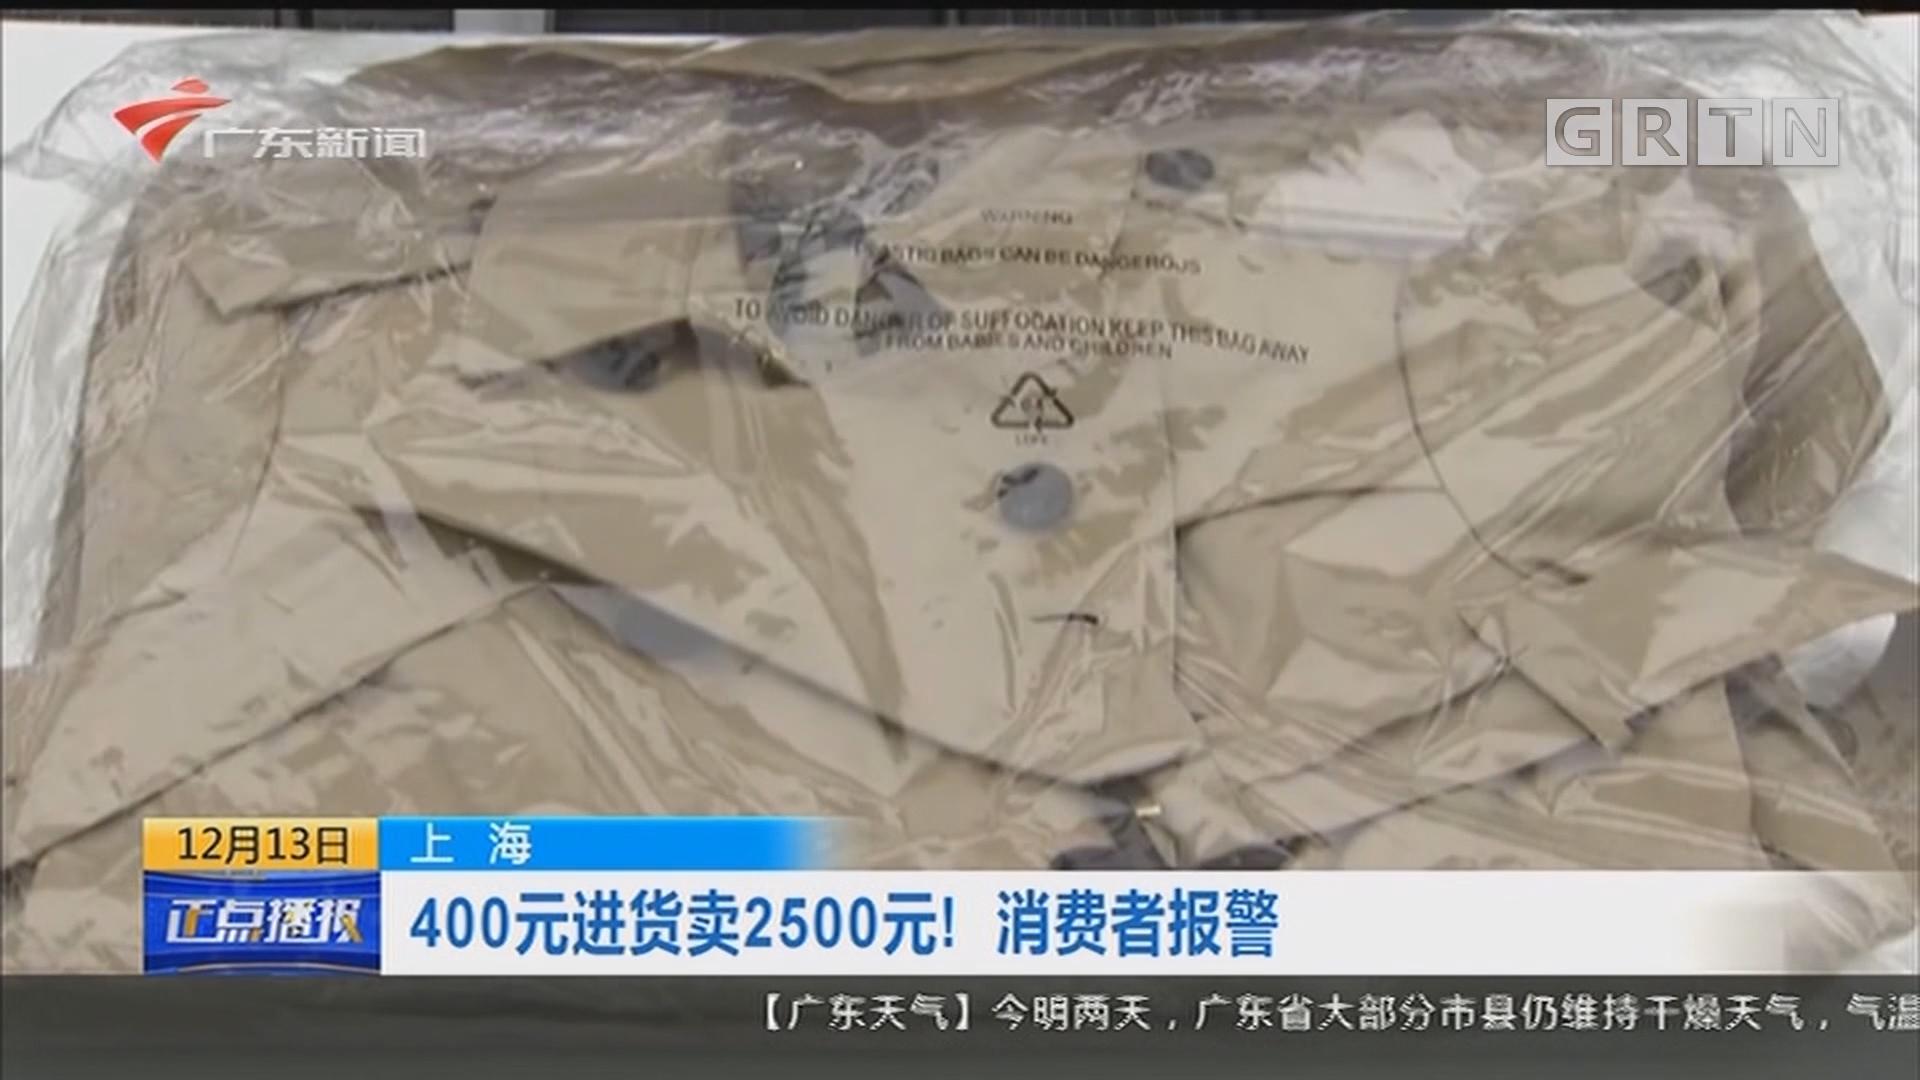 上海:400元进货卖2500元!消费者报警